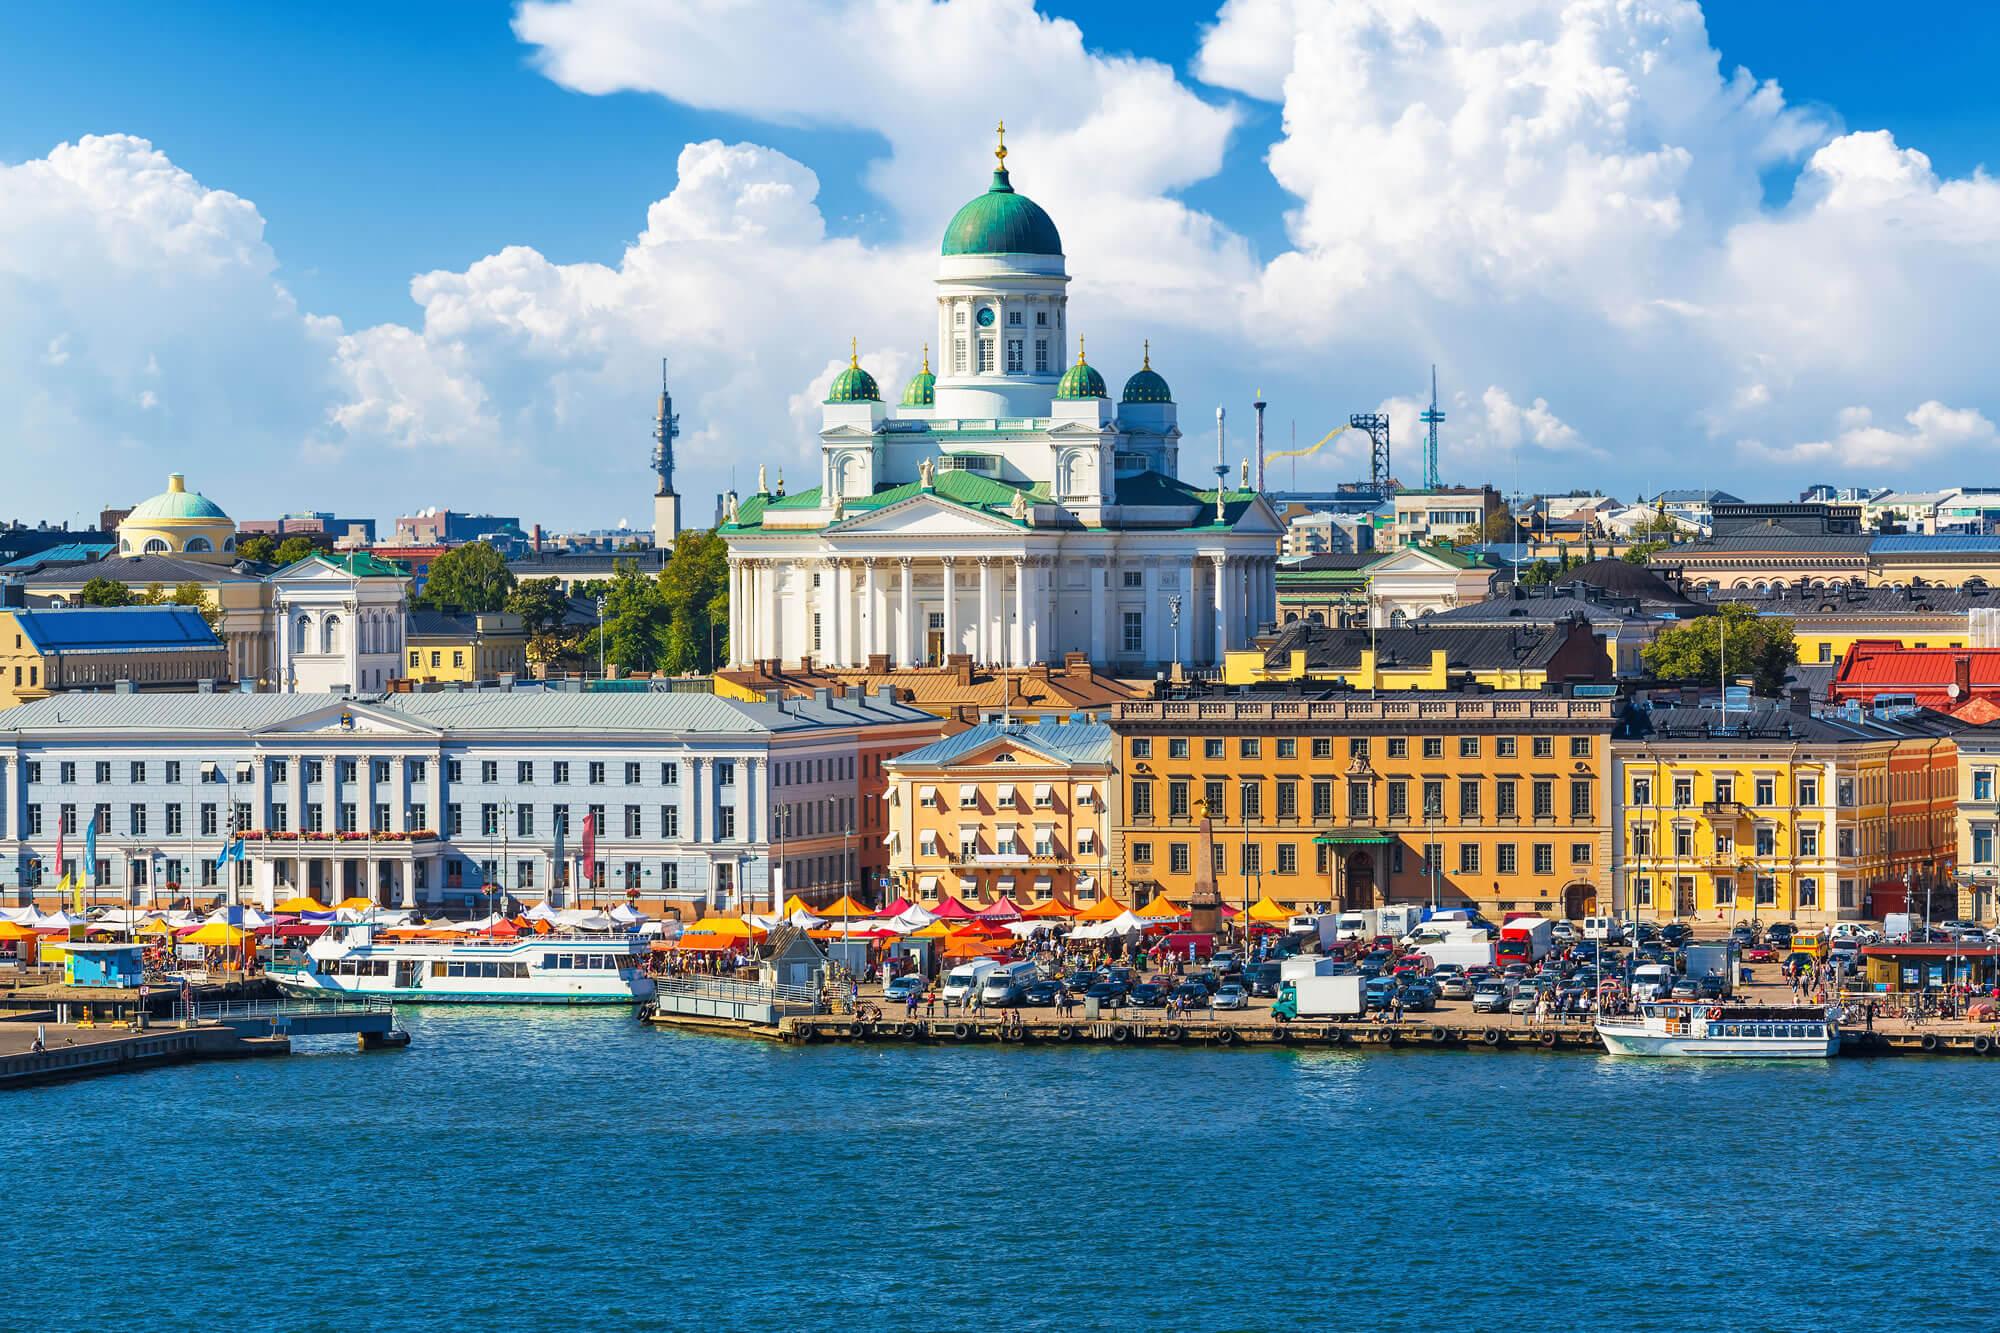 Town Pier in Helsinki, Finland